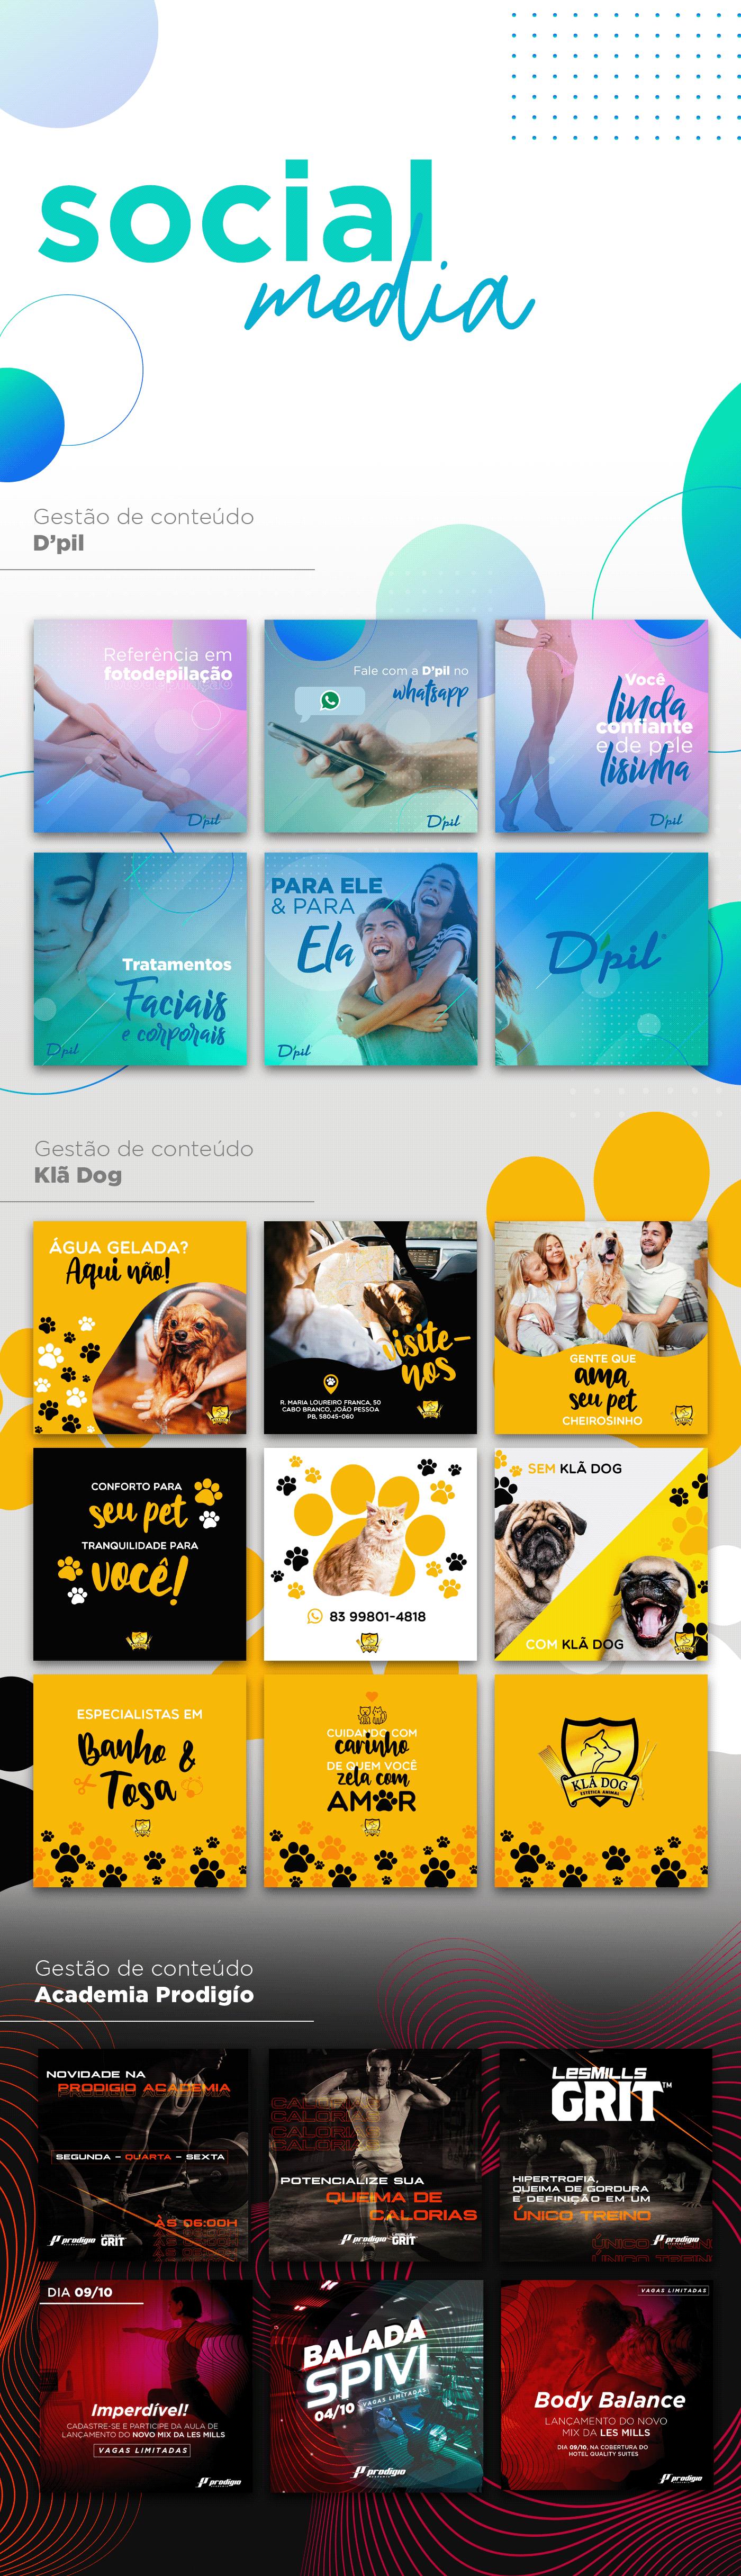 social media João Pessoa Paraíba IFPB cabedelo Depilação academia pet shop cães gatos